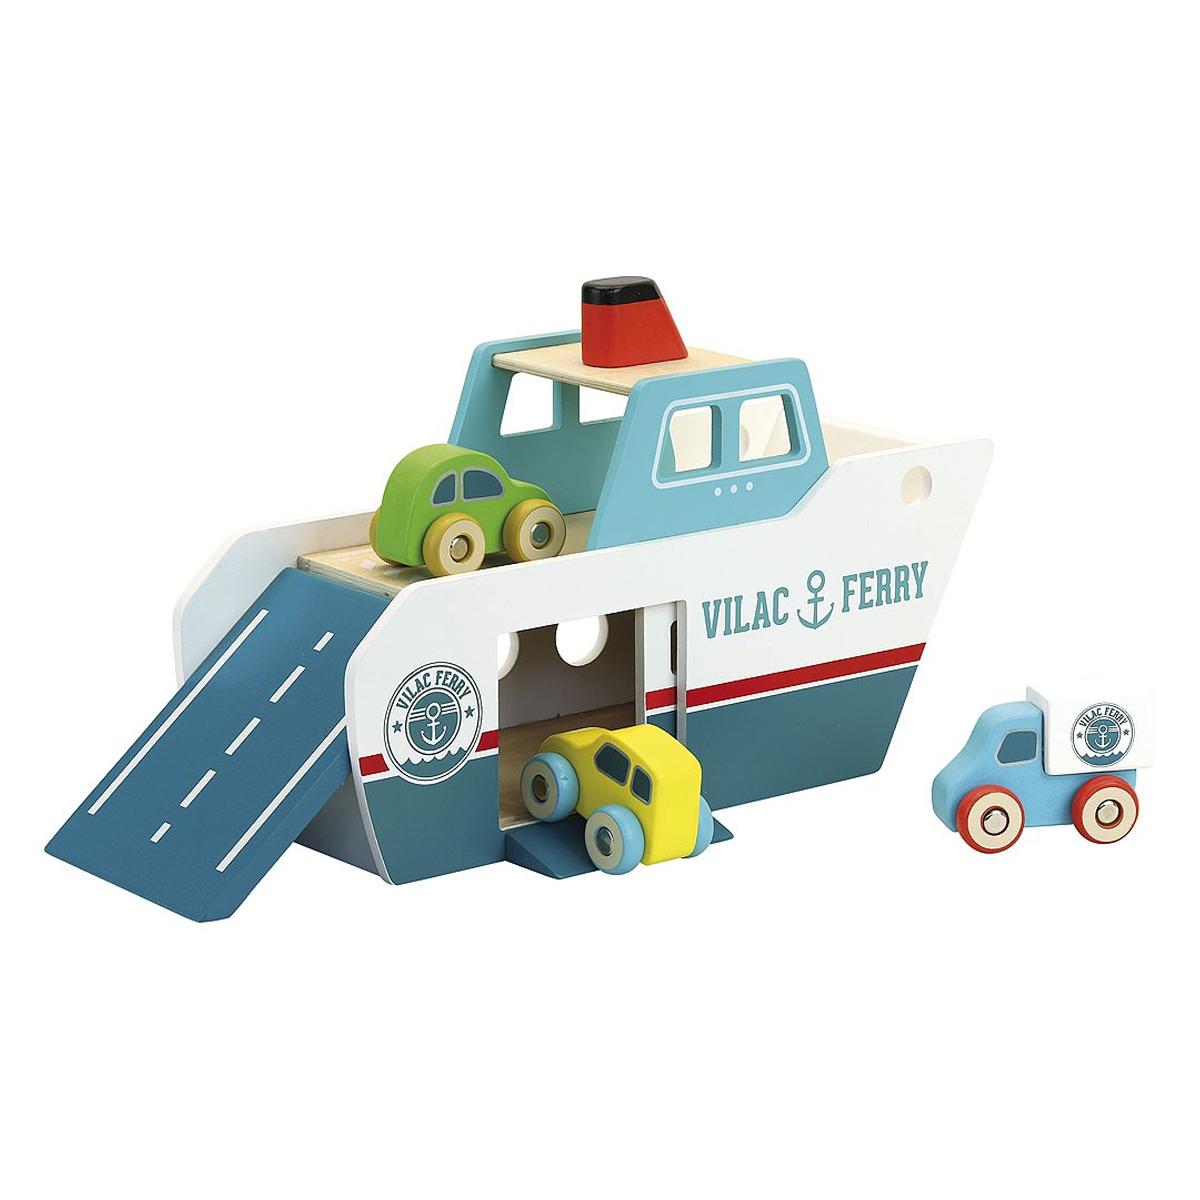 Mes premiers jouets Le Ferry Vilacity Le Ferry Vilacity